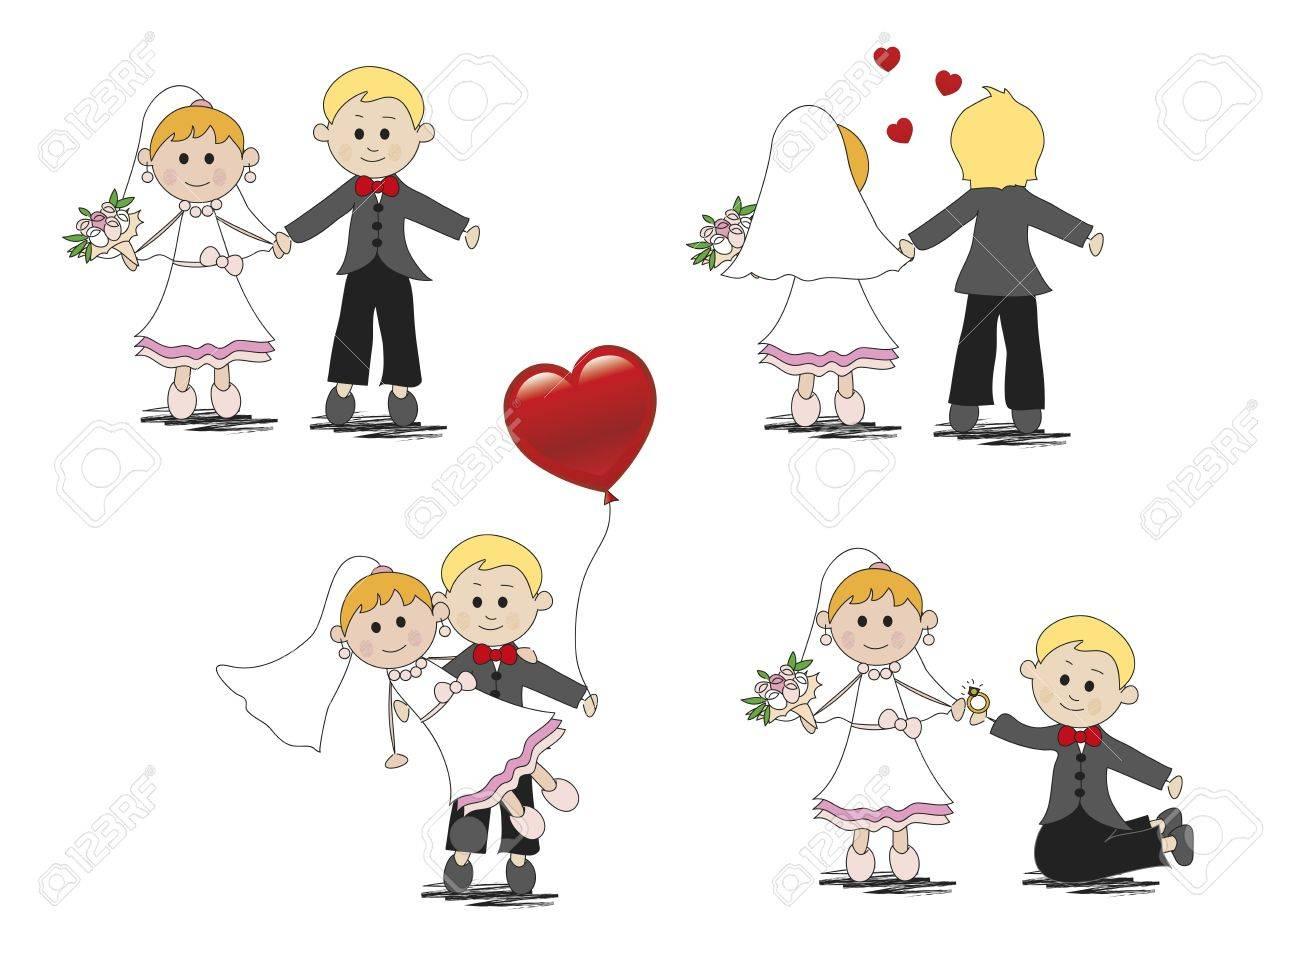 Banque d\u0027images , Illustration de dessin animé et de mariage drôle